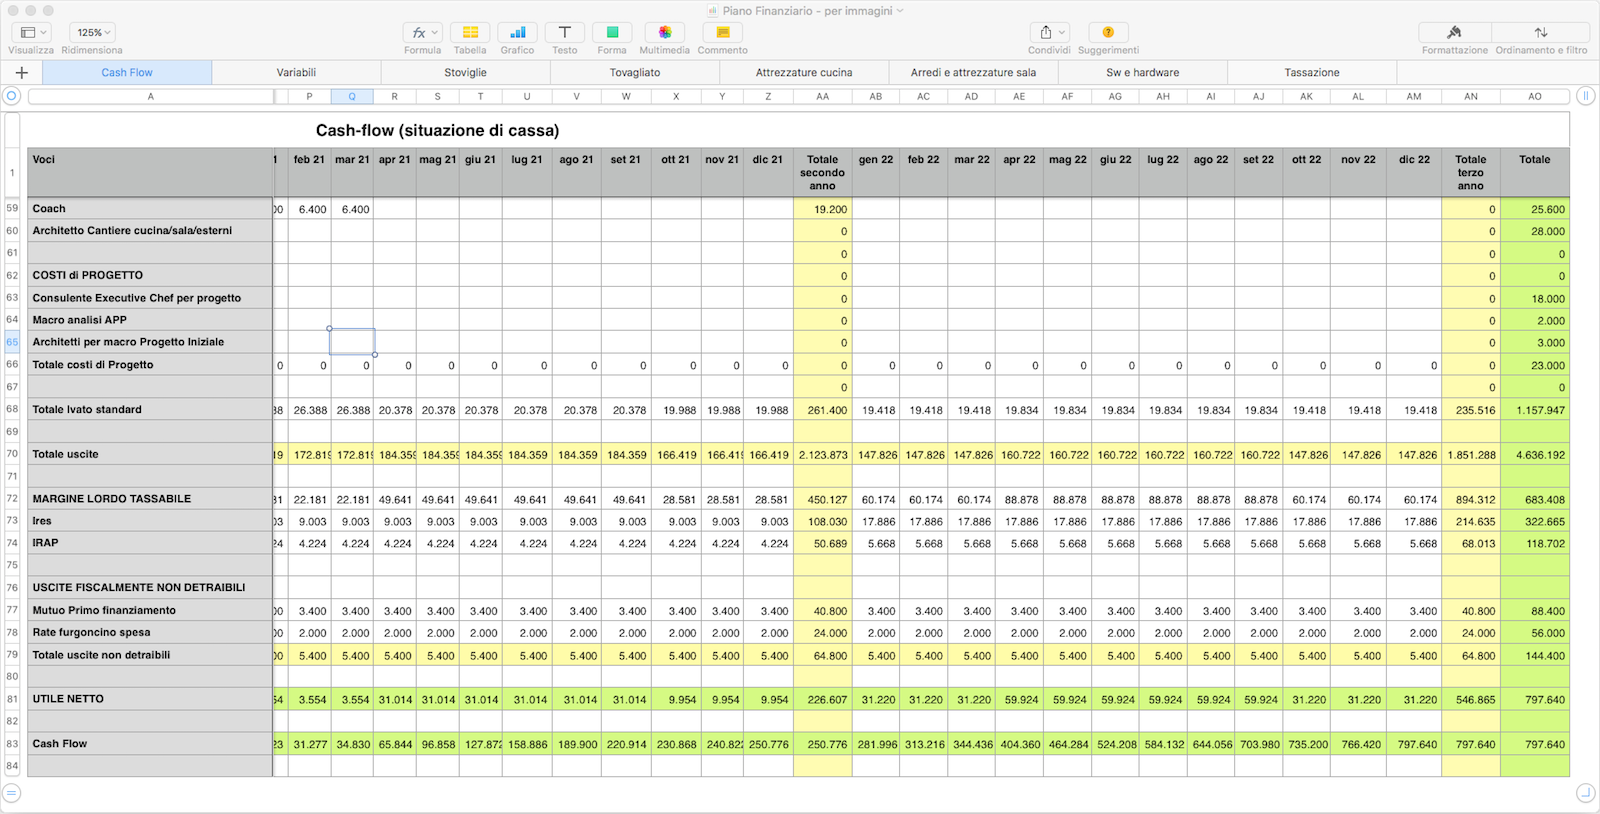 Un modello di calcolo e simulanzione di piano finanziario per la ristorazione o altri tipi di attività.